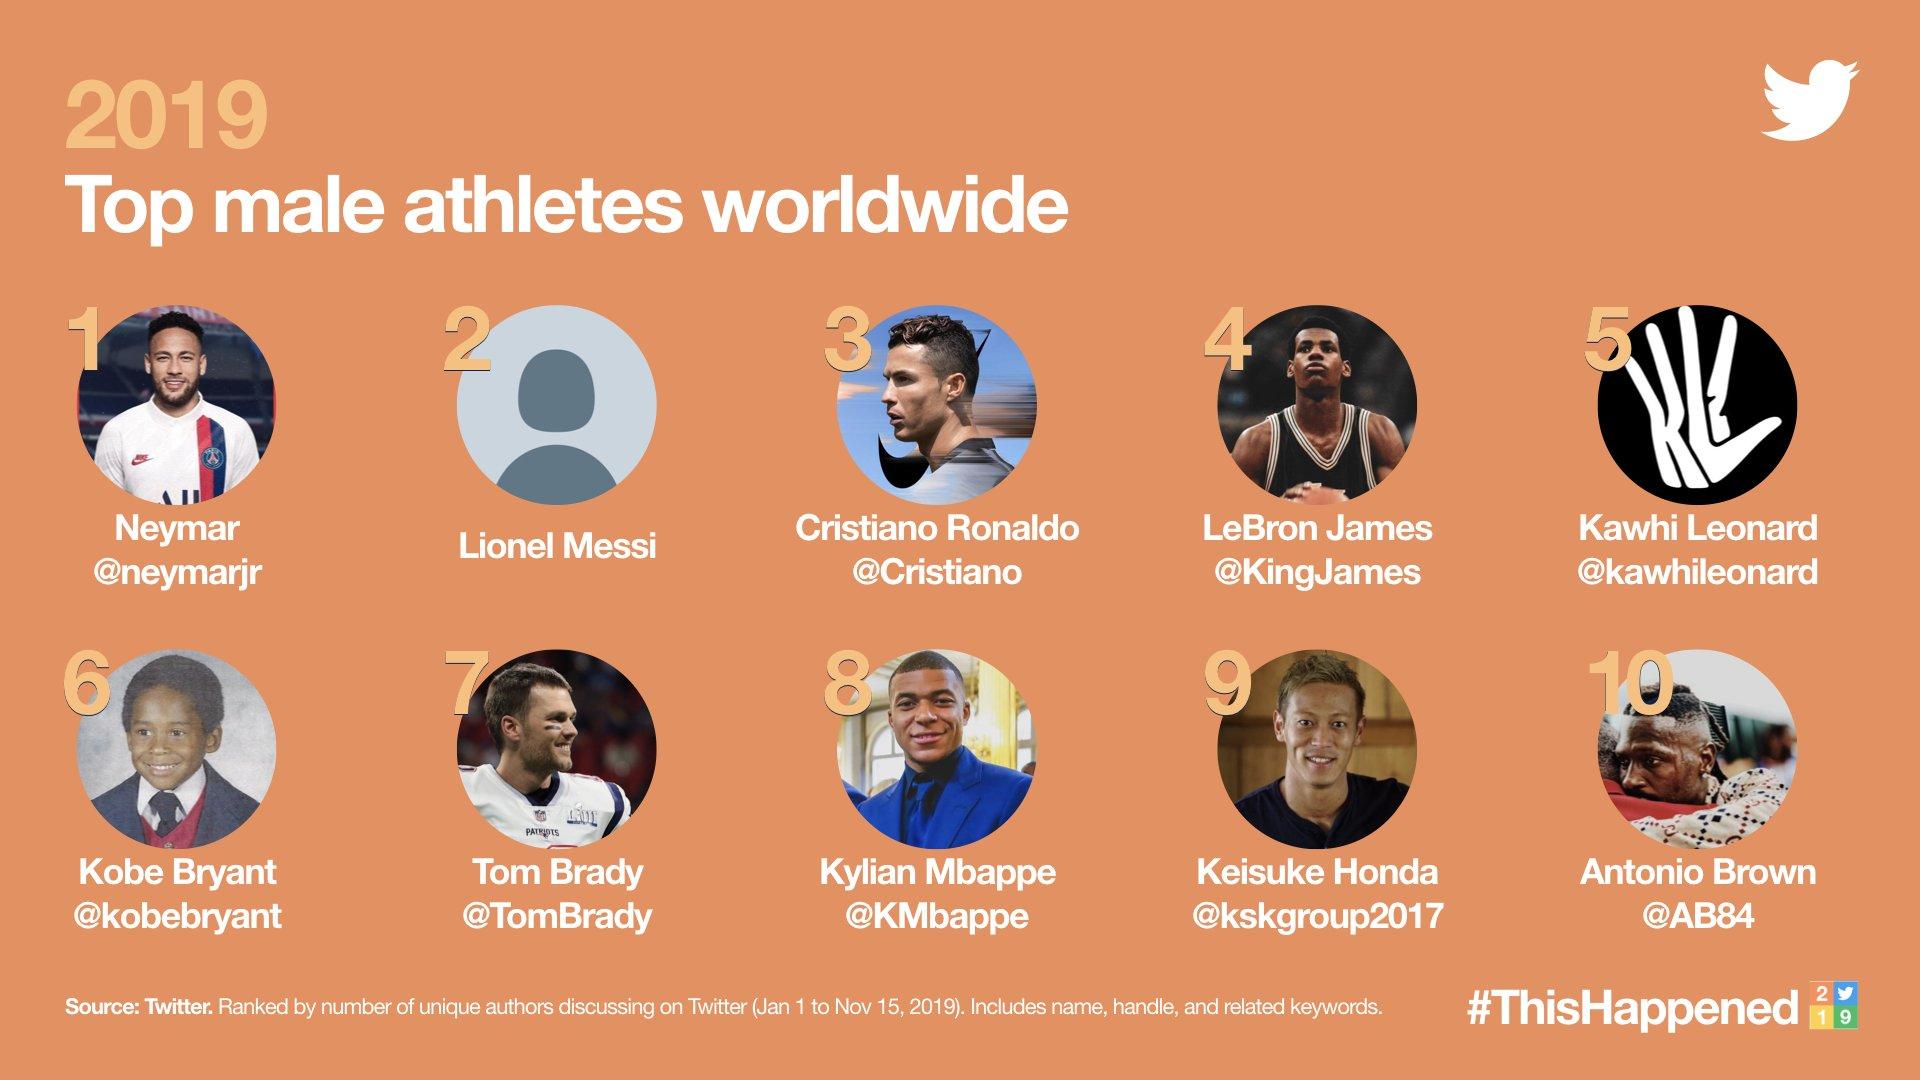 推特公布运动员热度排名:梅西压C罗 双骄输一人